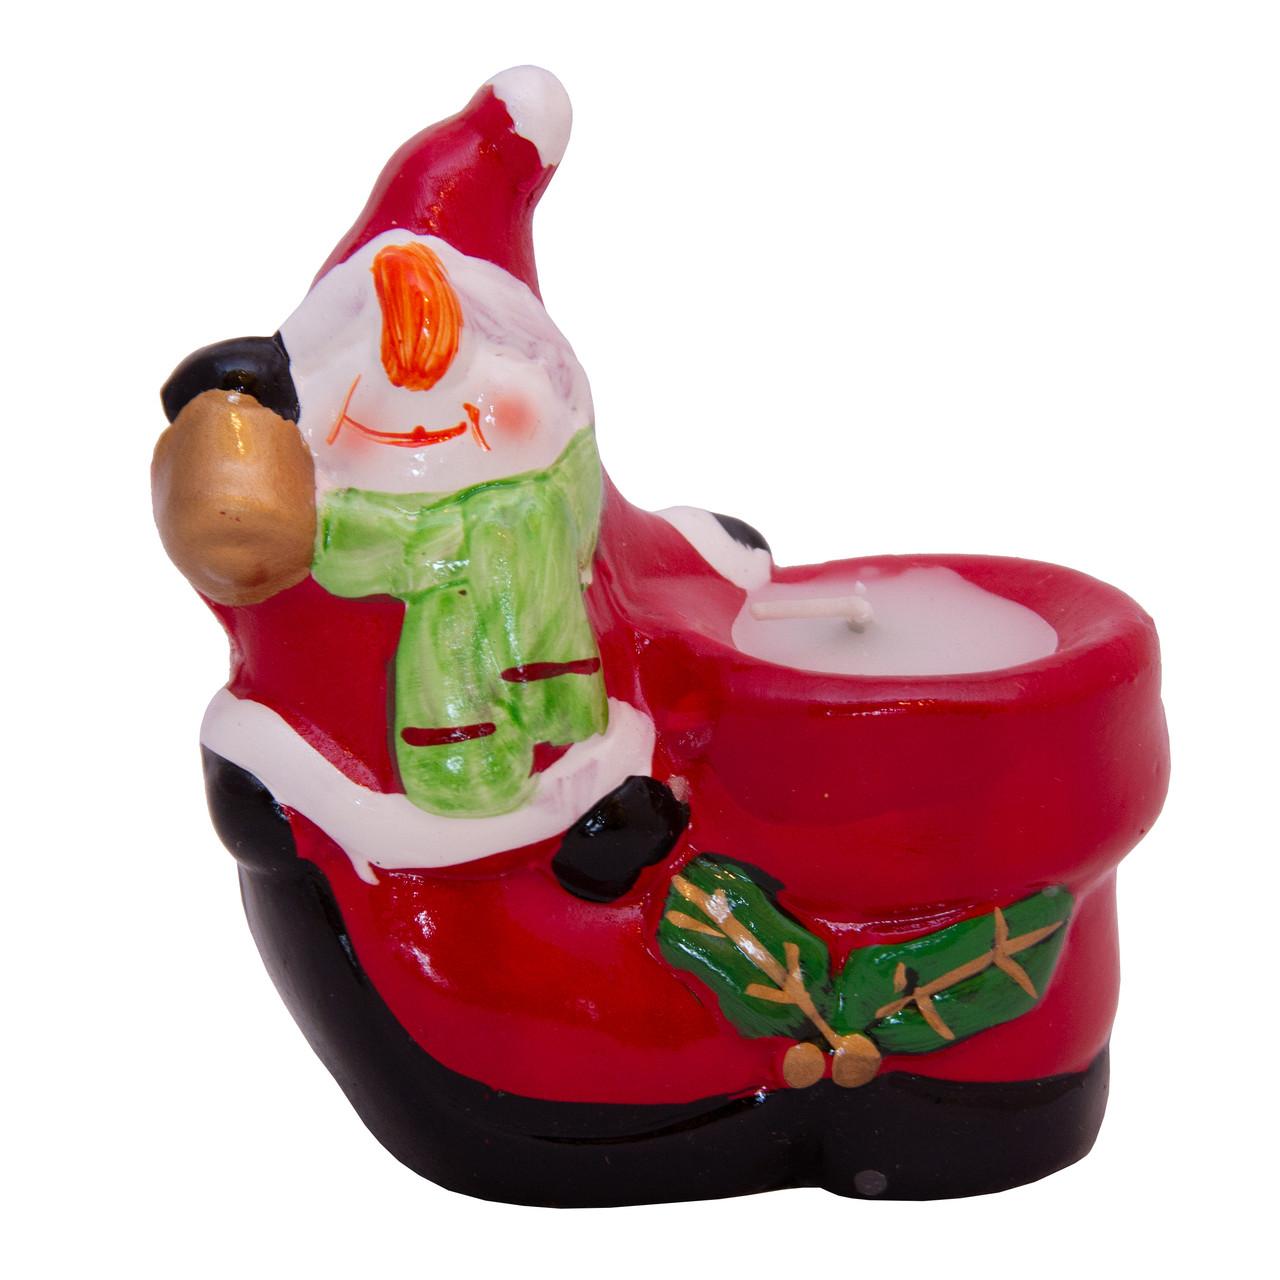 Подсвечник - Снеговик со свечой, 9*5,8*9,5 см, красный, керамика (442621-2)